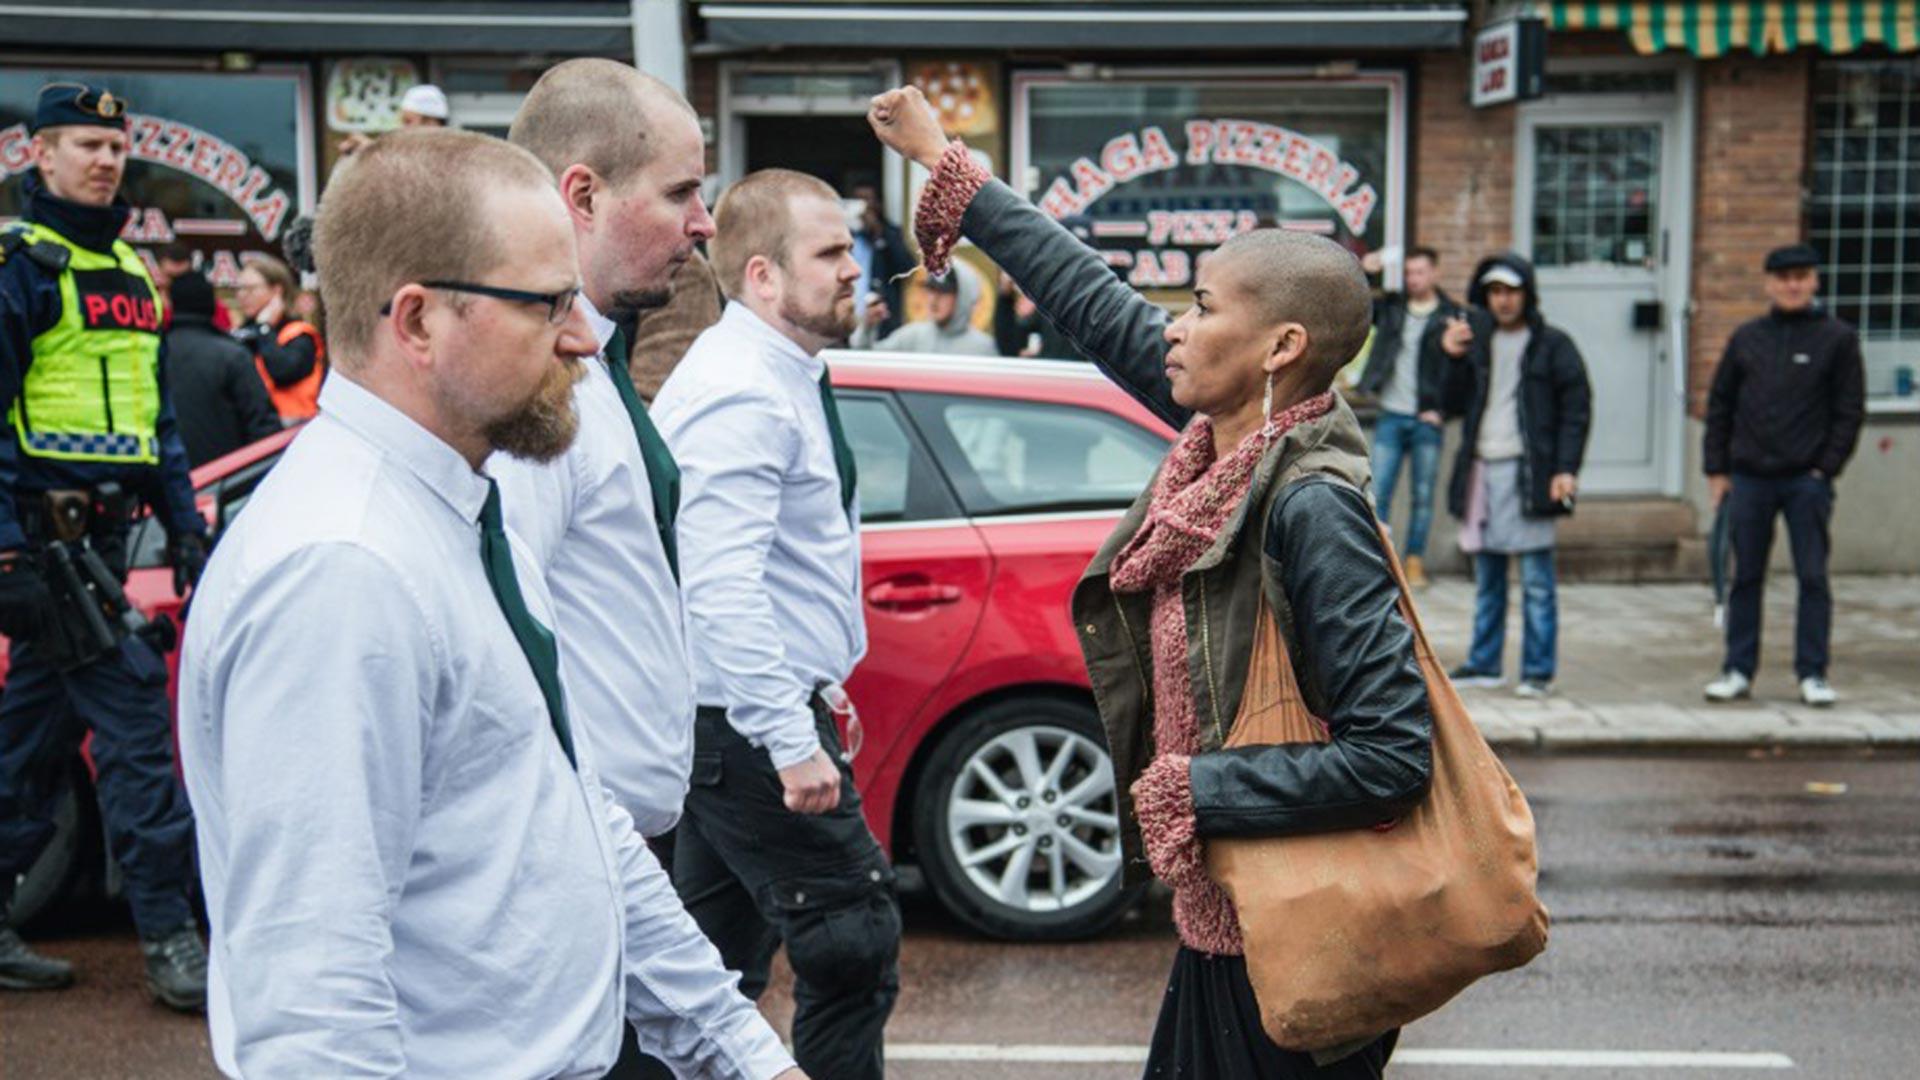 Tess Apslund levanta el puño frente a una manifestación neonazi en Suecia en mayo pasado